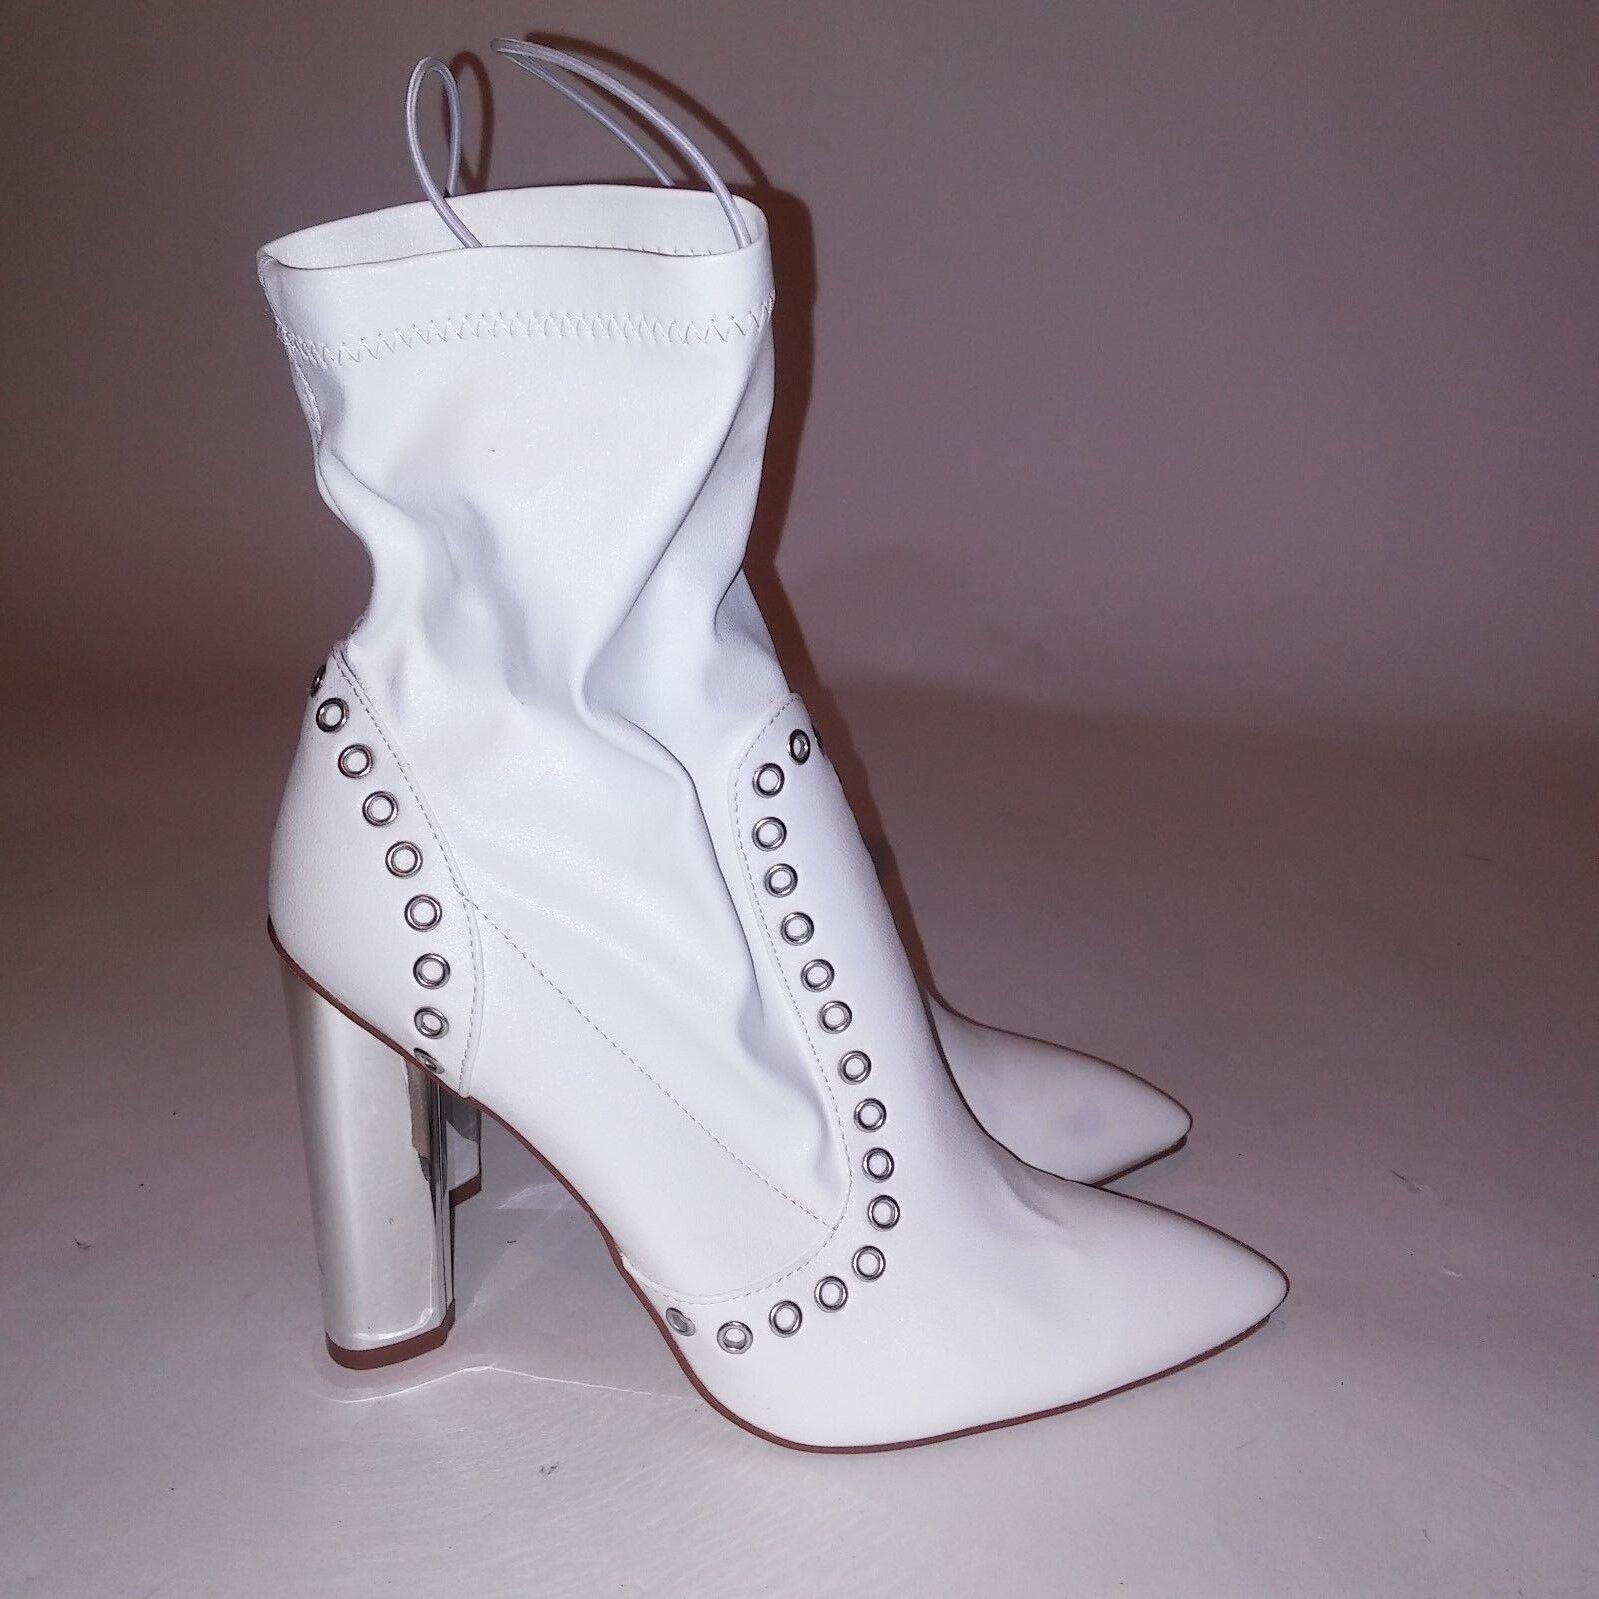 Wild Diva White Booties Block Mirror Heel Pointed Toe Heel 3.5